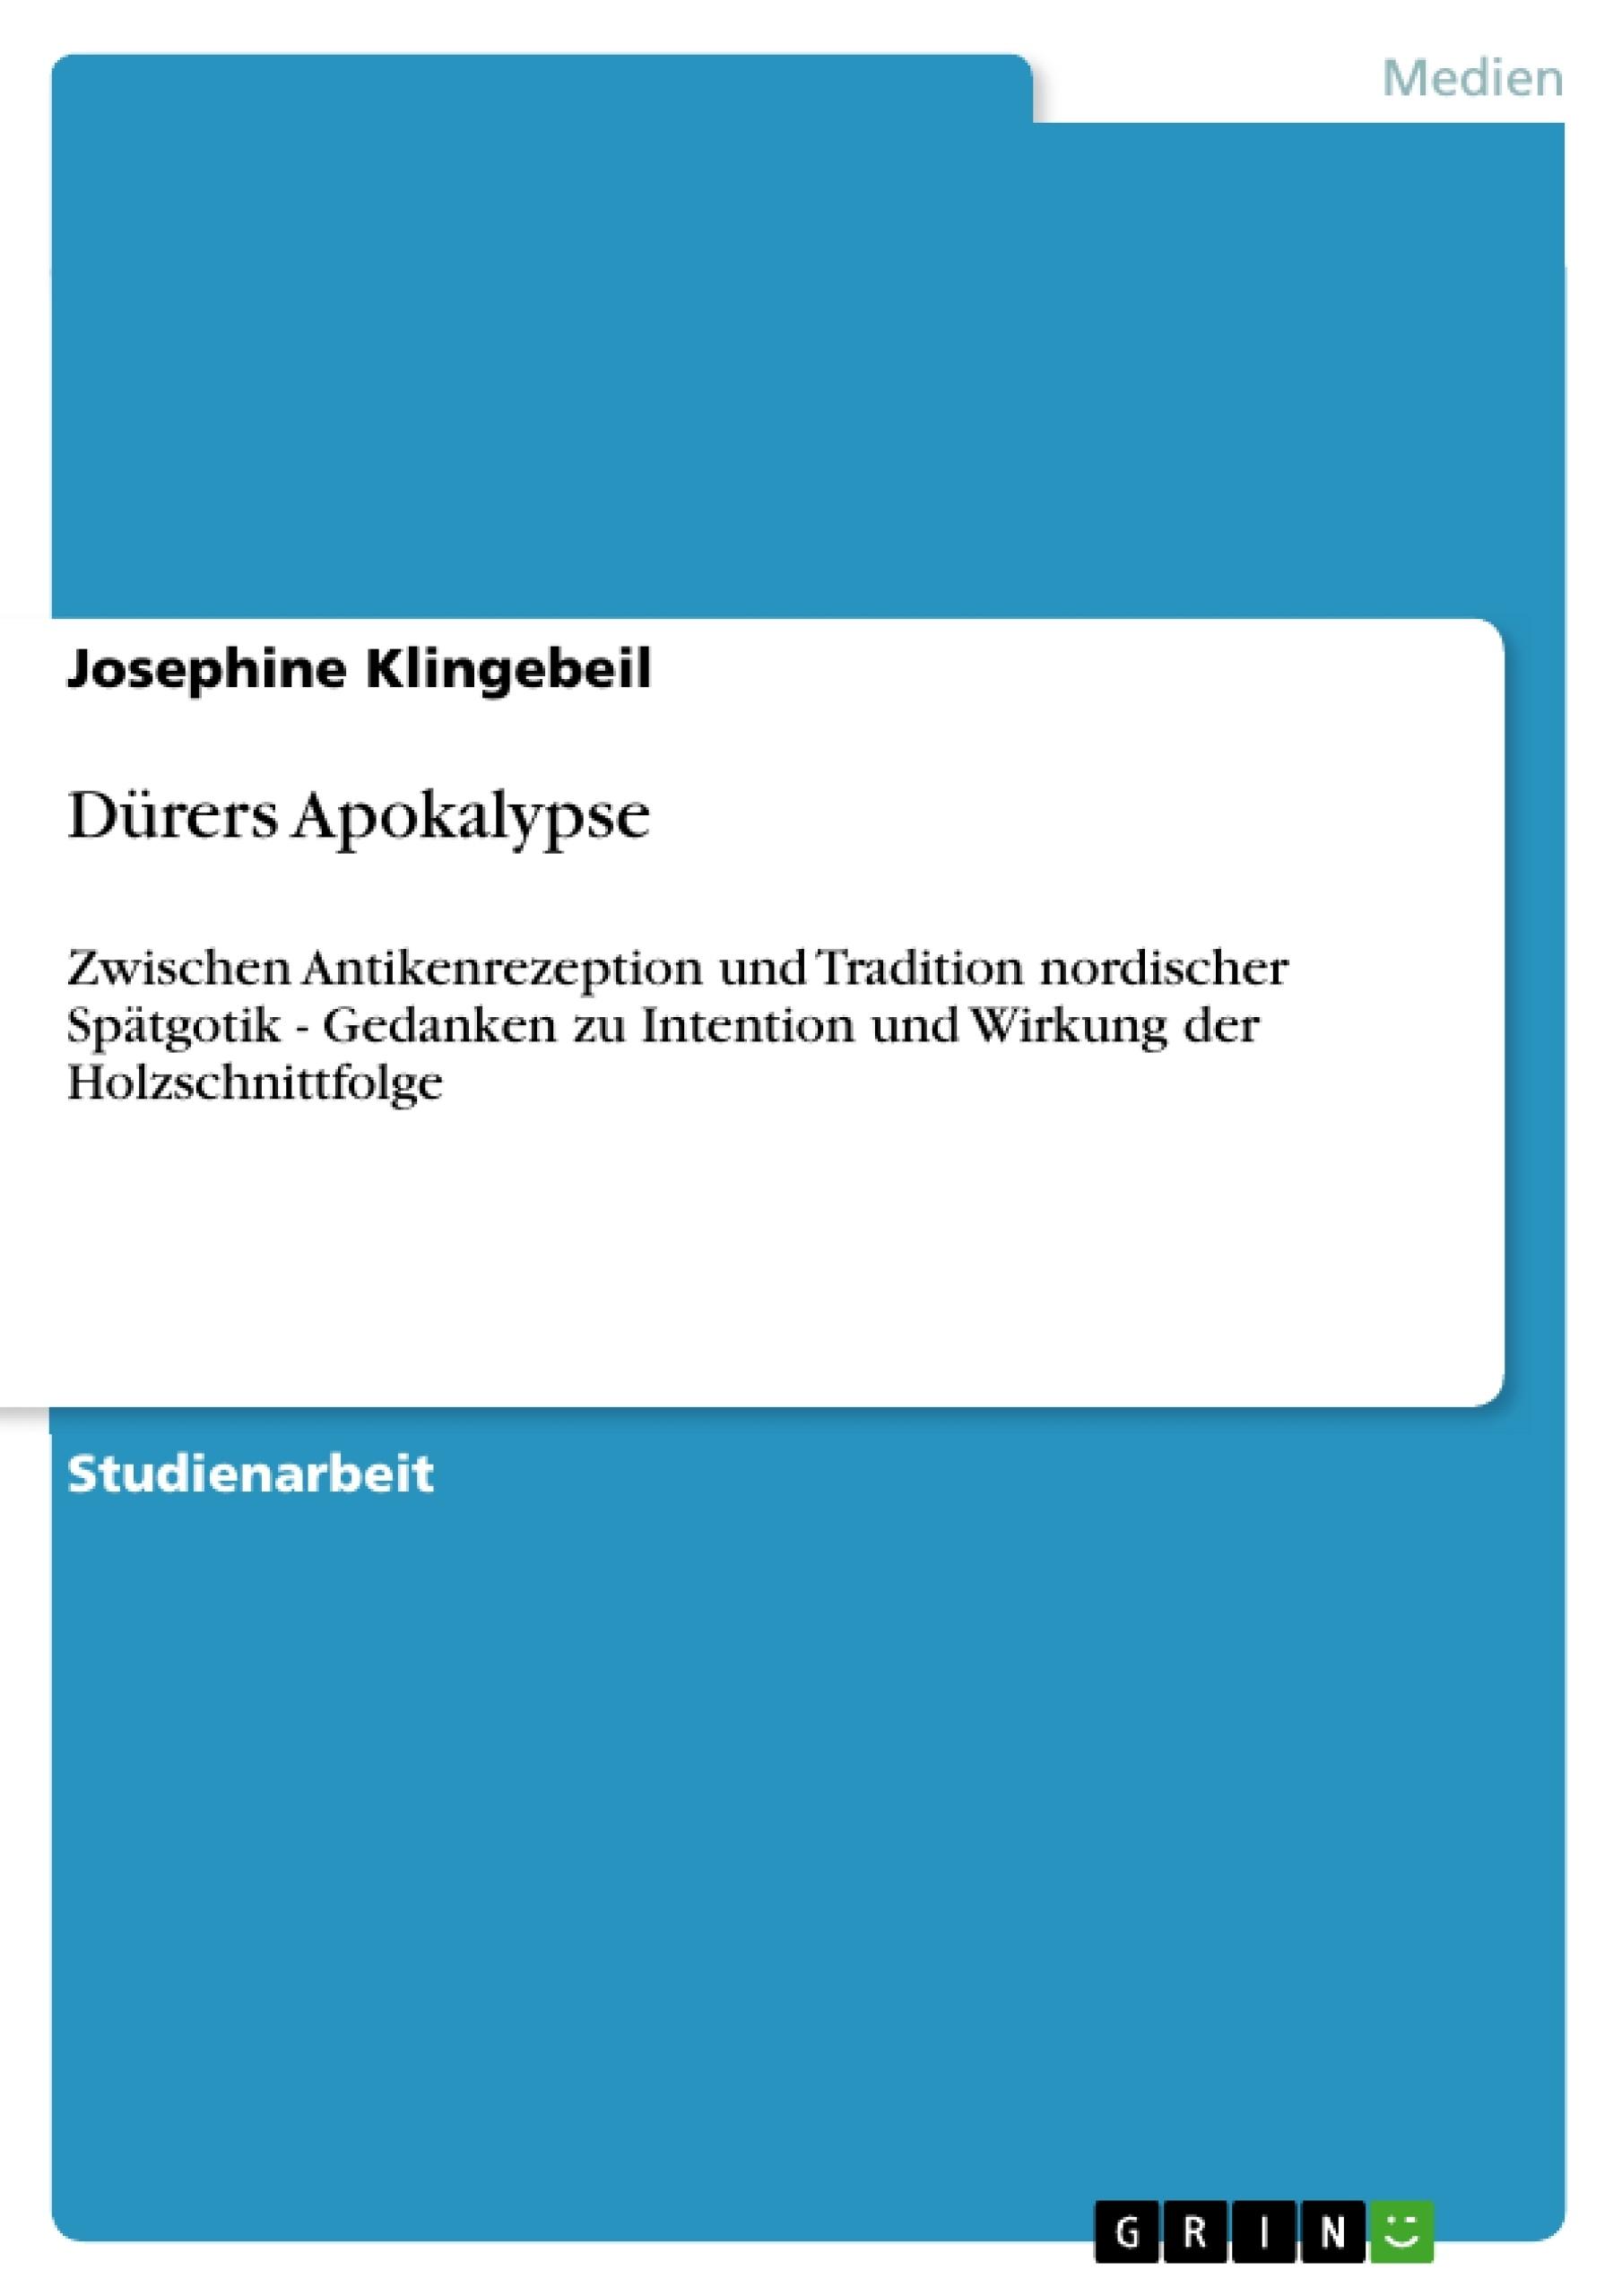 Titel: Dürers Apokalypse